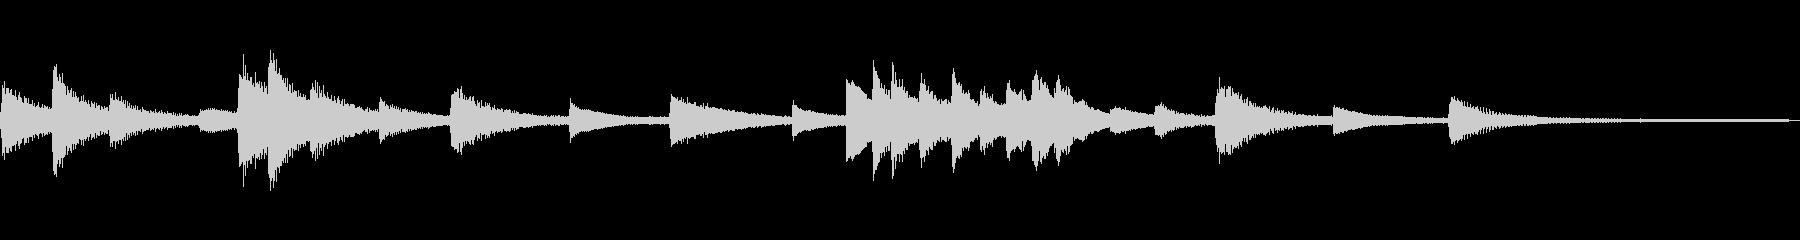 静かなJazzジングル50-ピアノソロ の未再生の波形